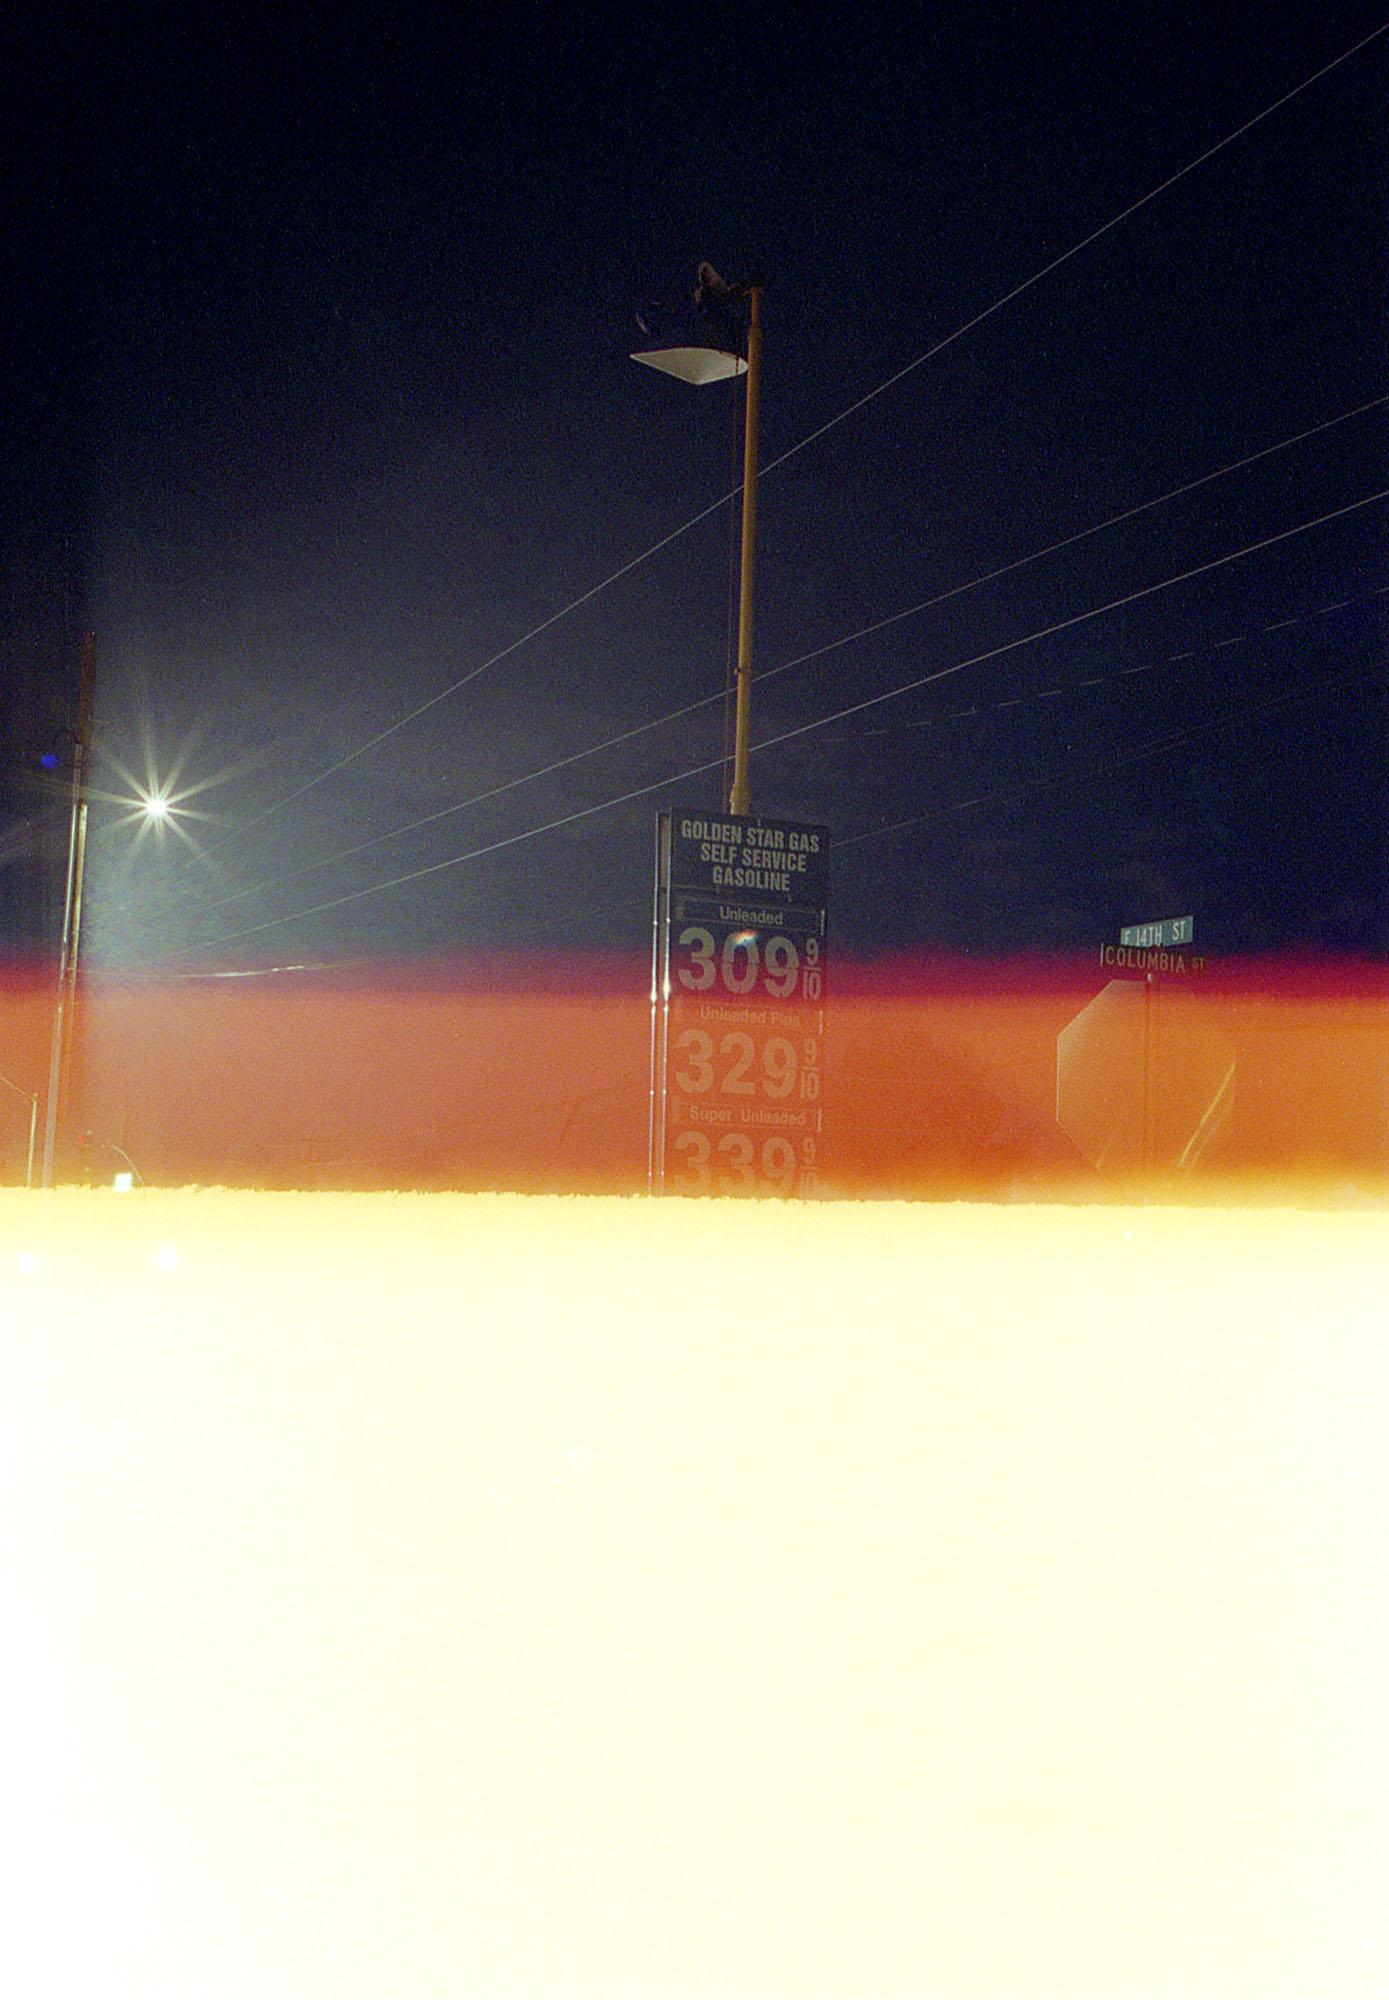 0264-001.jpg